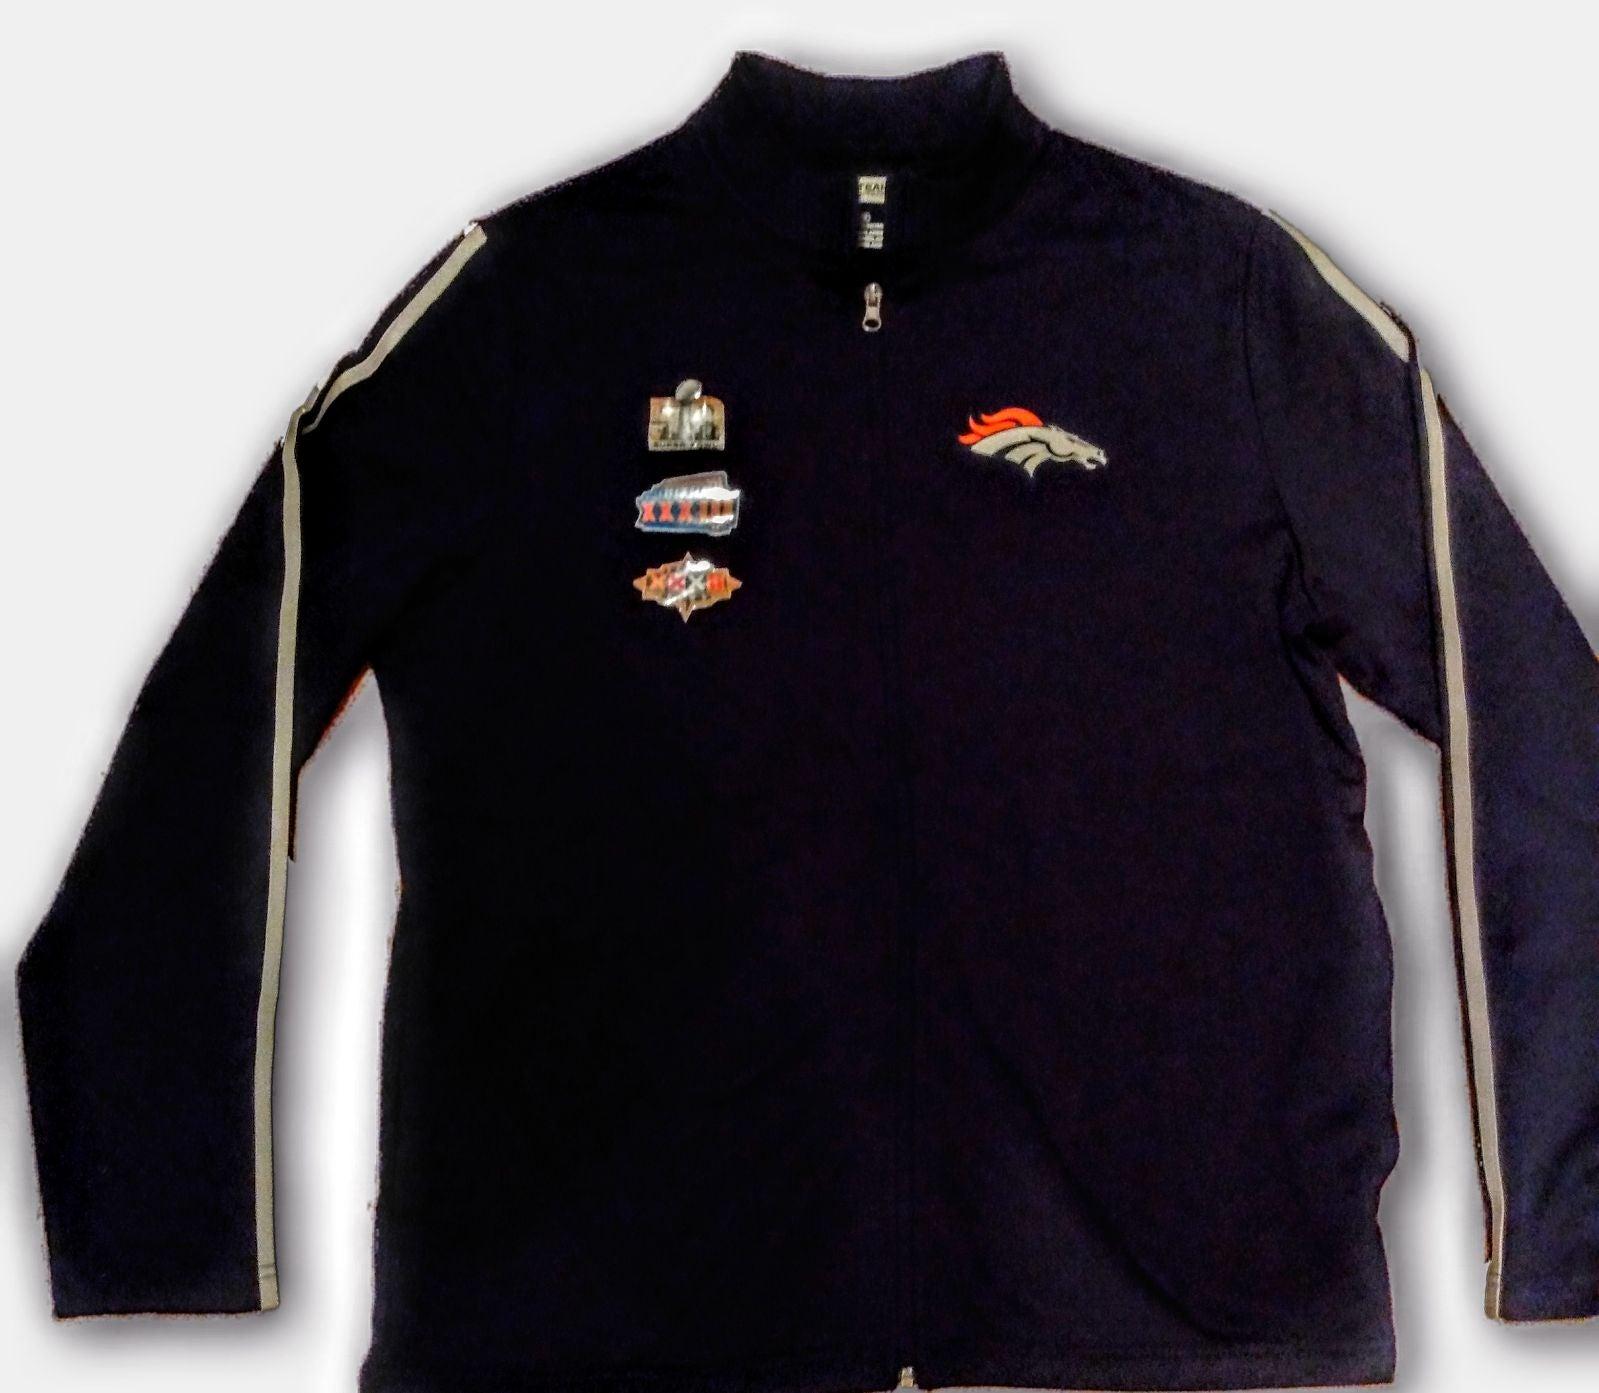 Denver Broncos Super Bowl Track Jacket